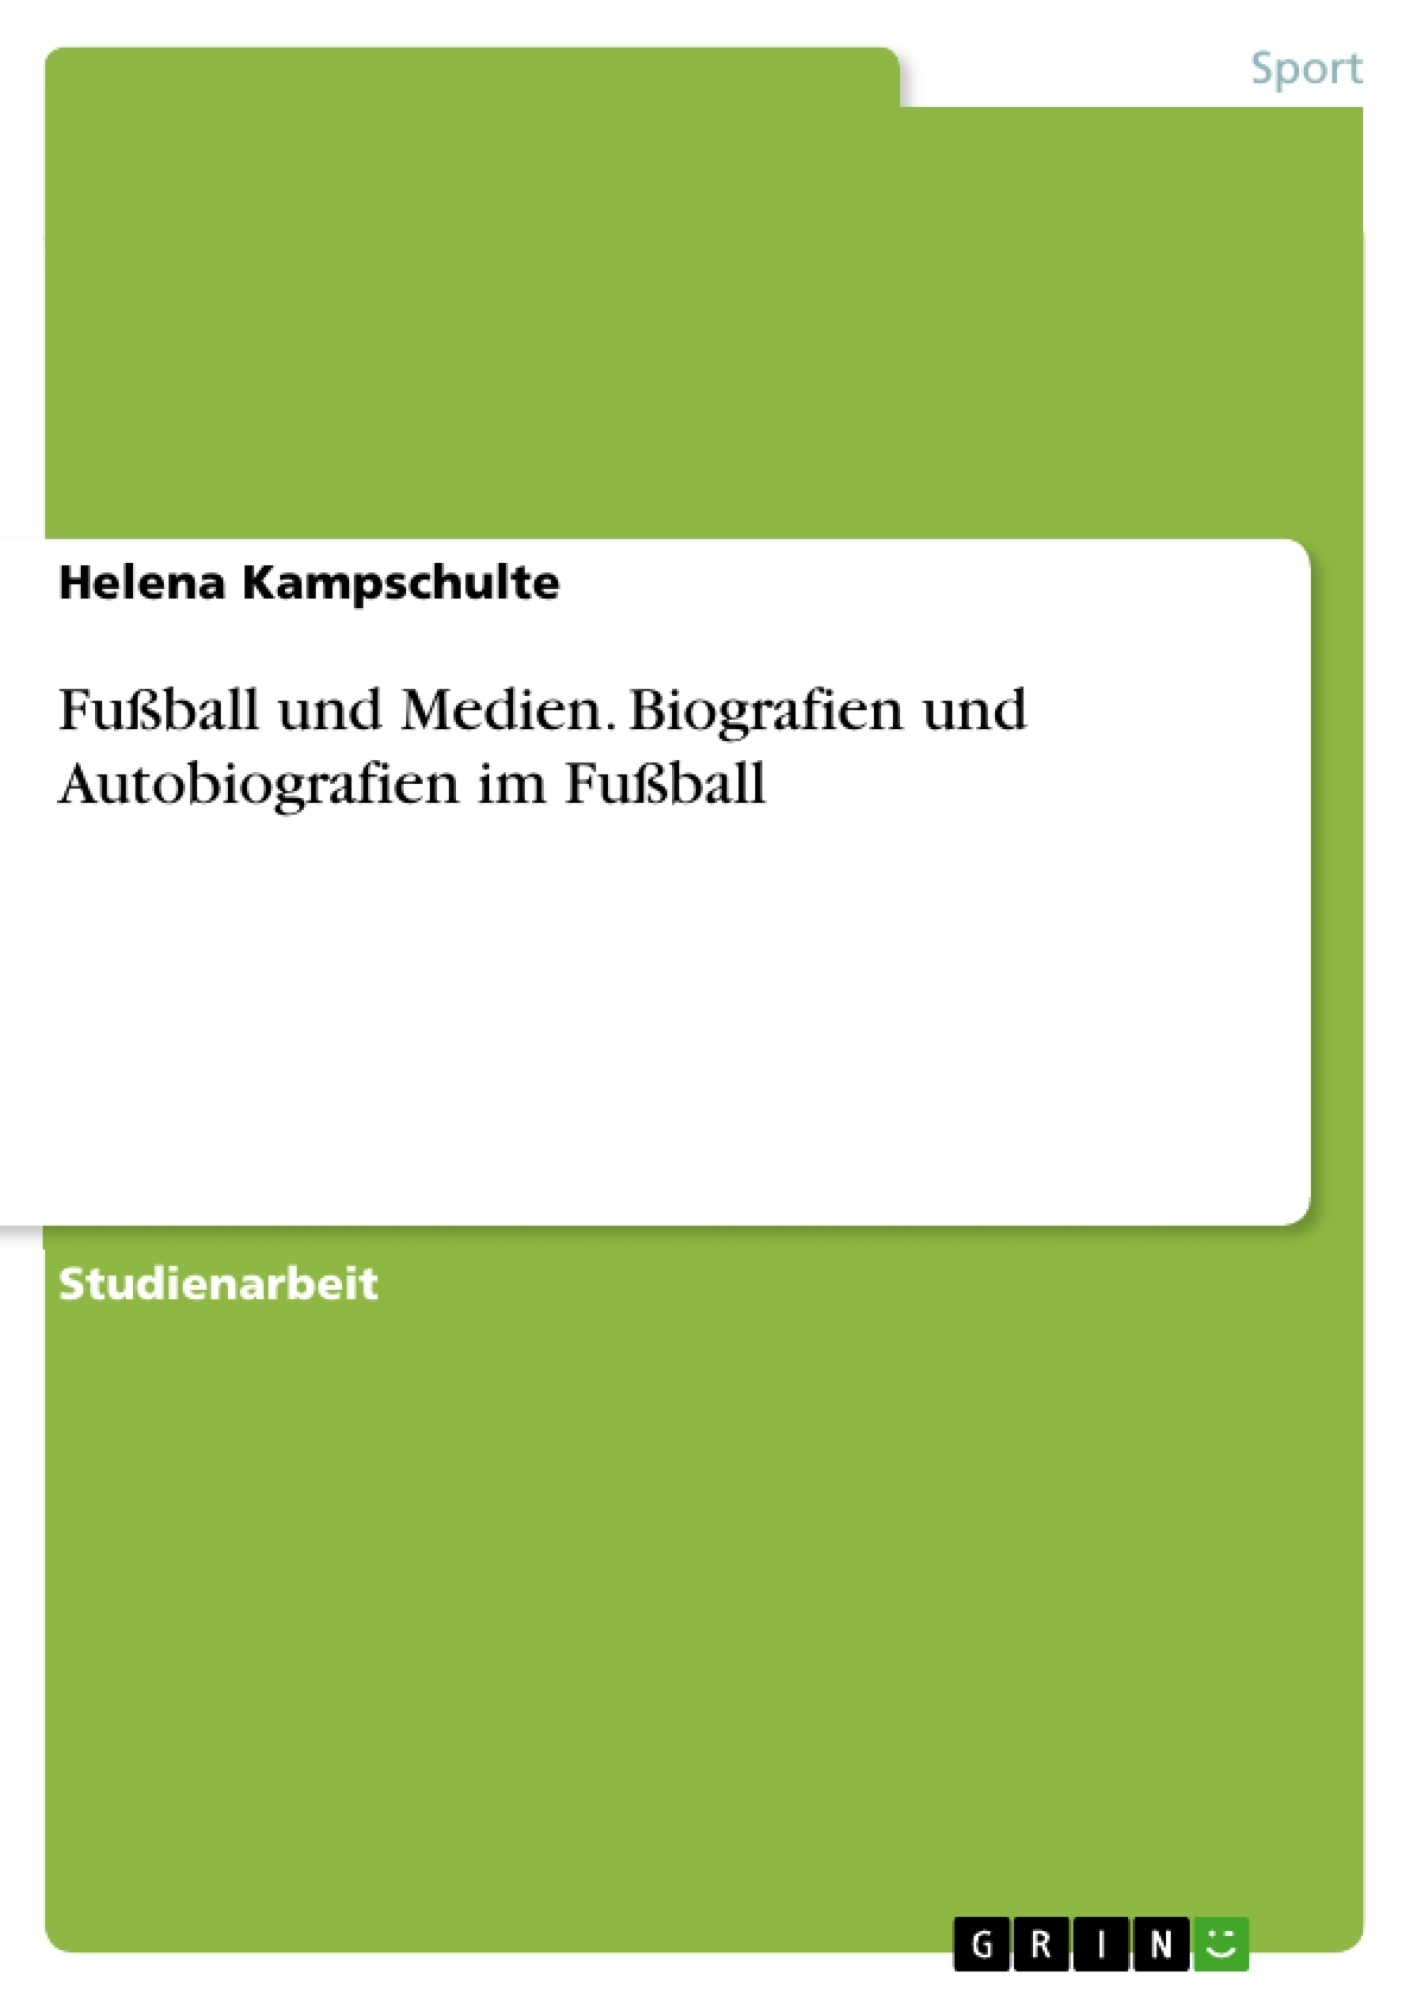 Titel: Fußball und Medien. Biografien und Autobiografien im Fußball